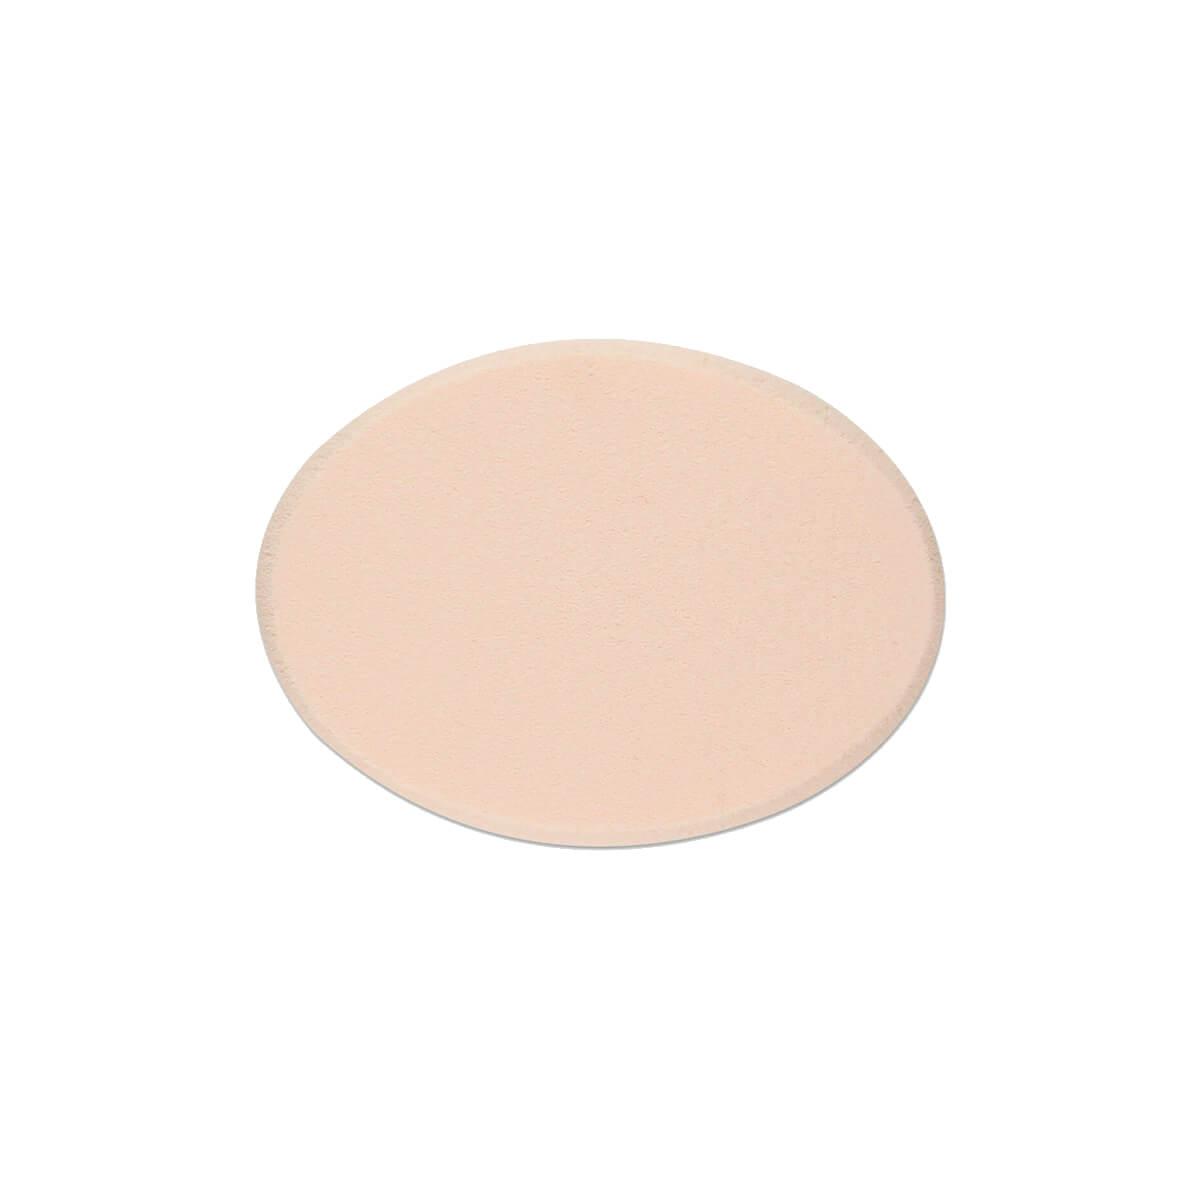 Esponja Oval Triss para Maquiagem 1 Unidade